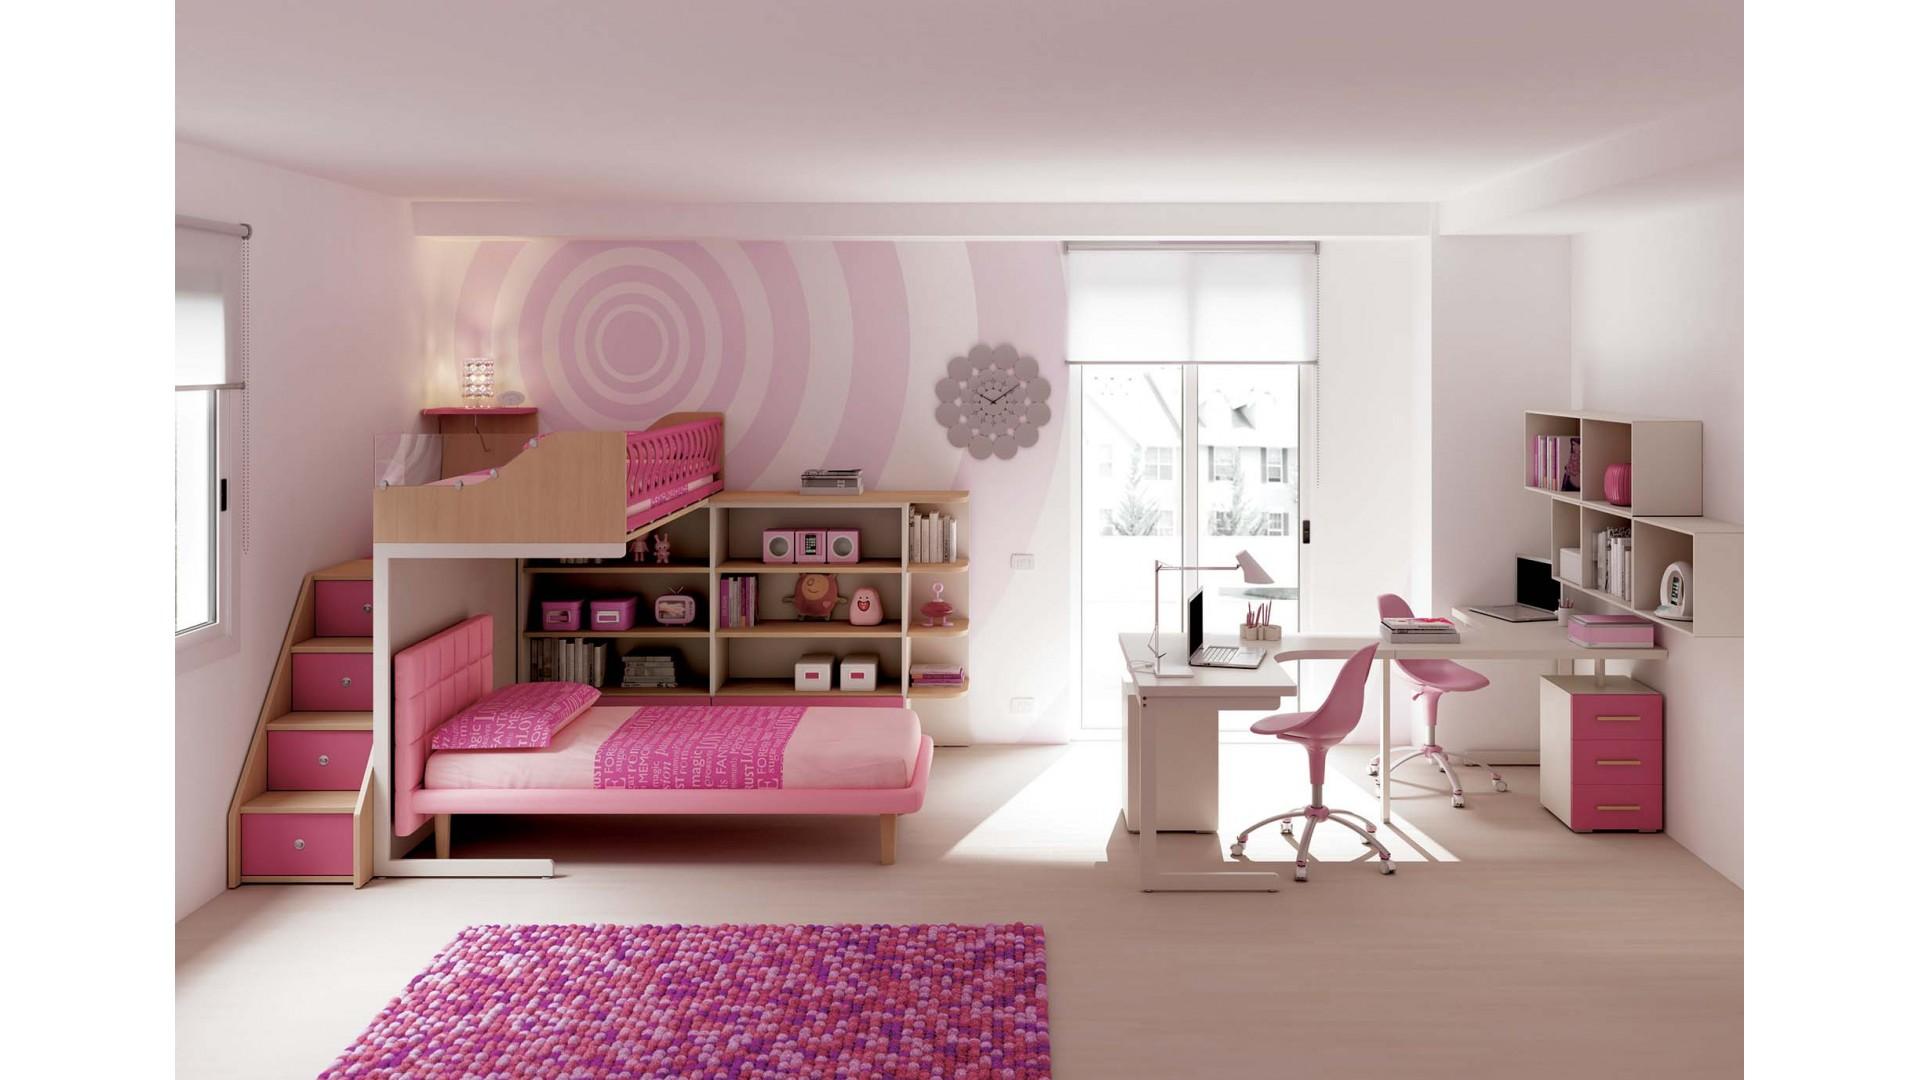 chambre enfant personnalisable ks13 lits superposes en mezzanine moretti compact